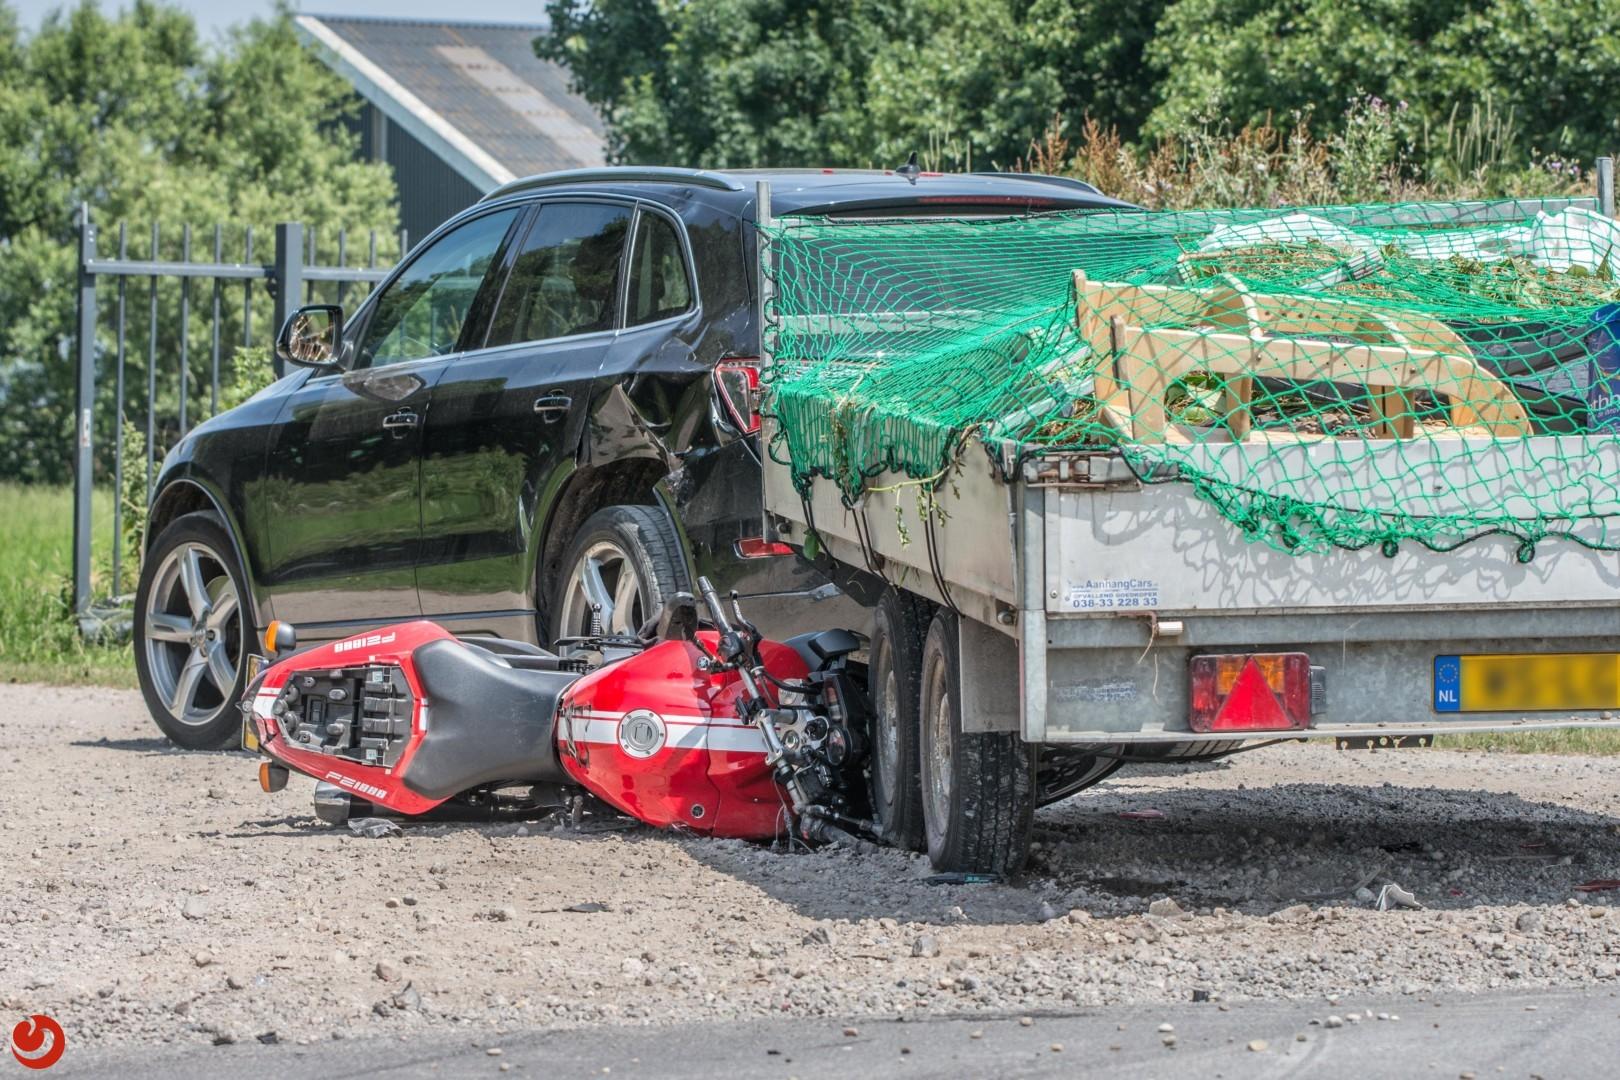 Motorrijder belandt onder aanhanger en raakt gewond